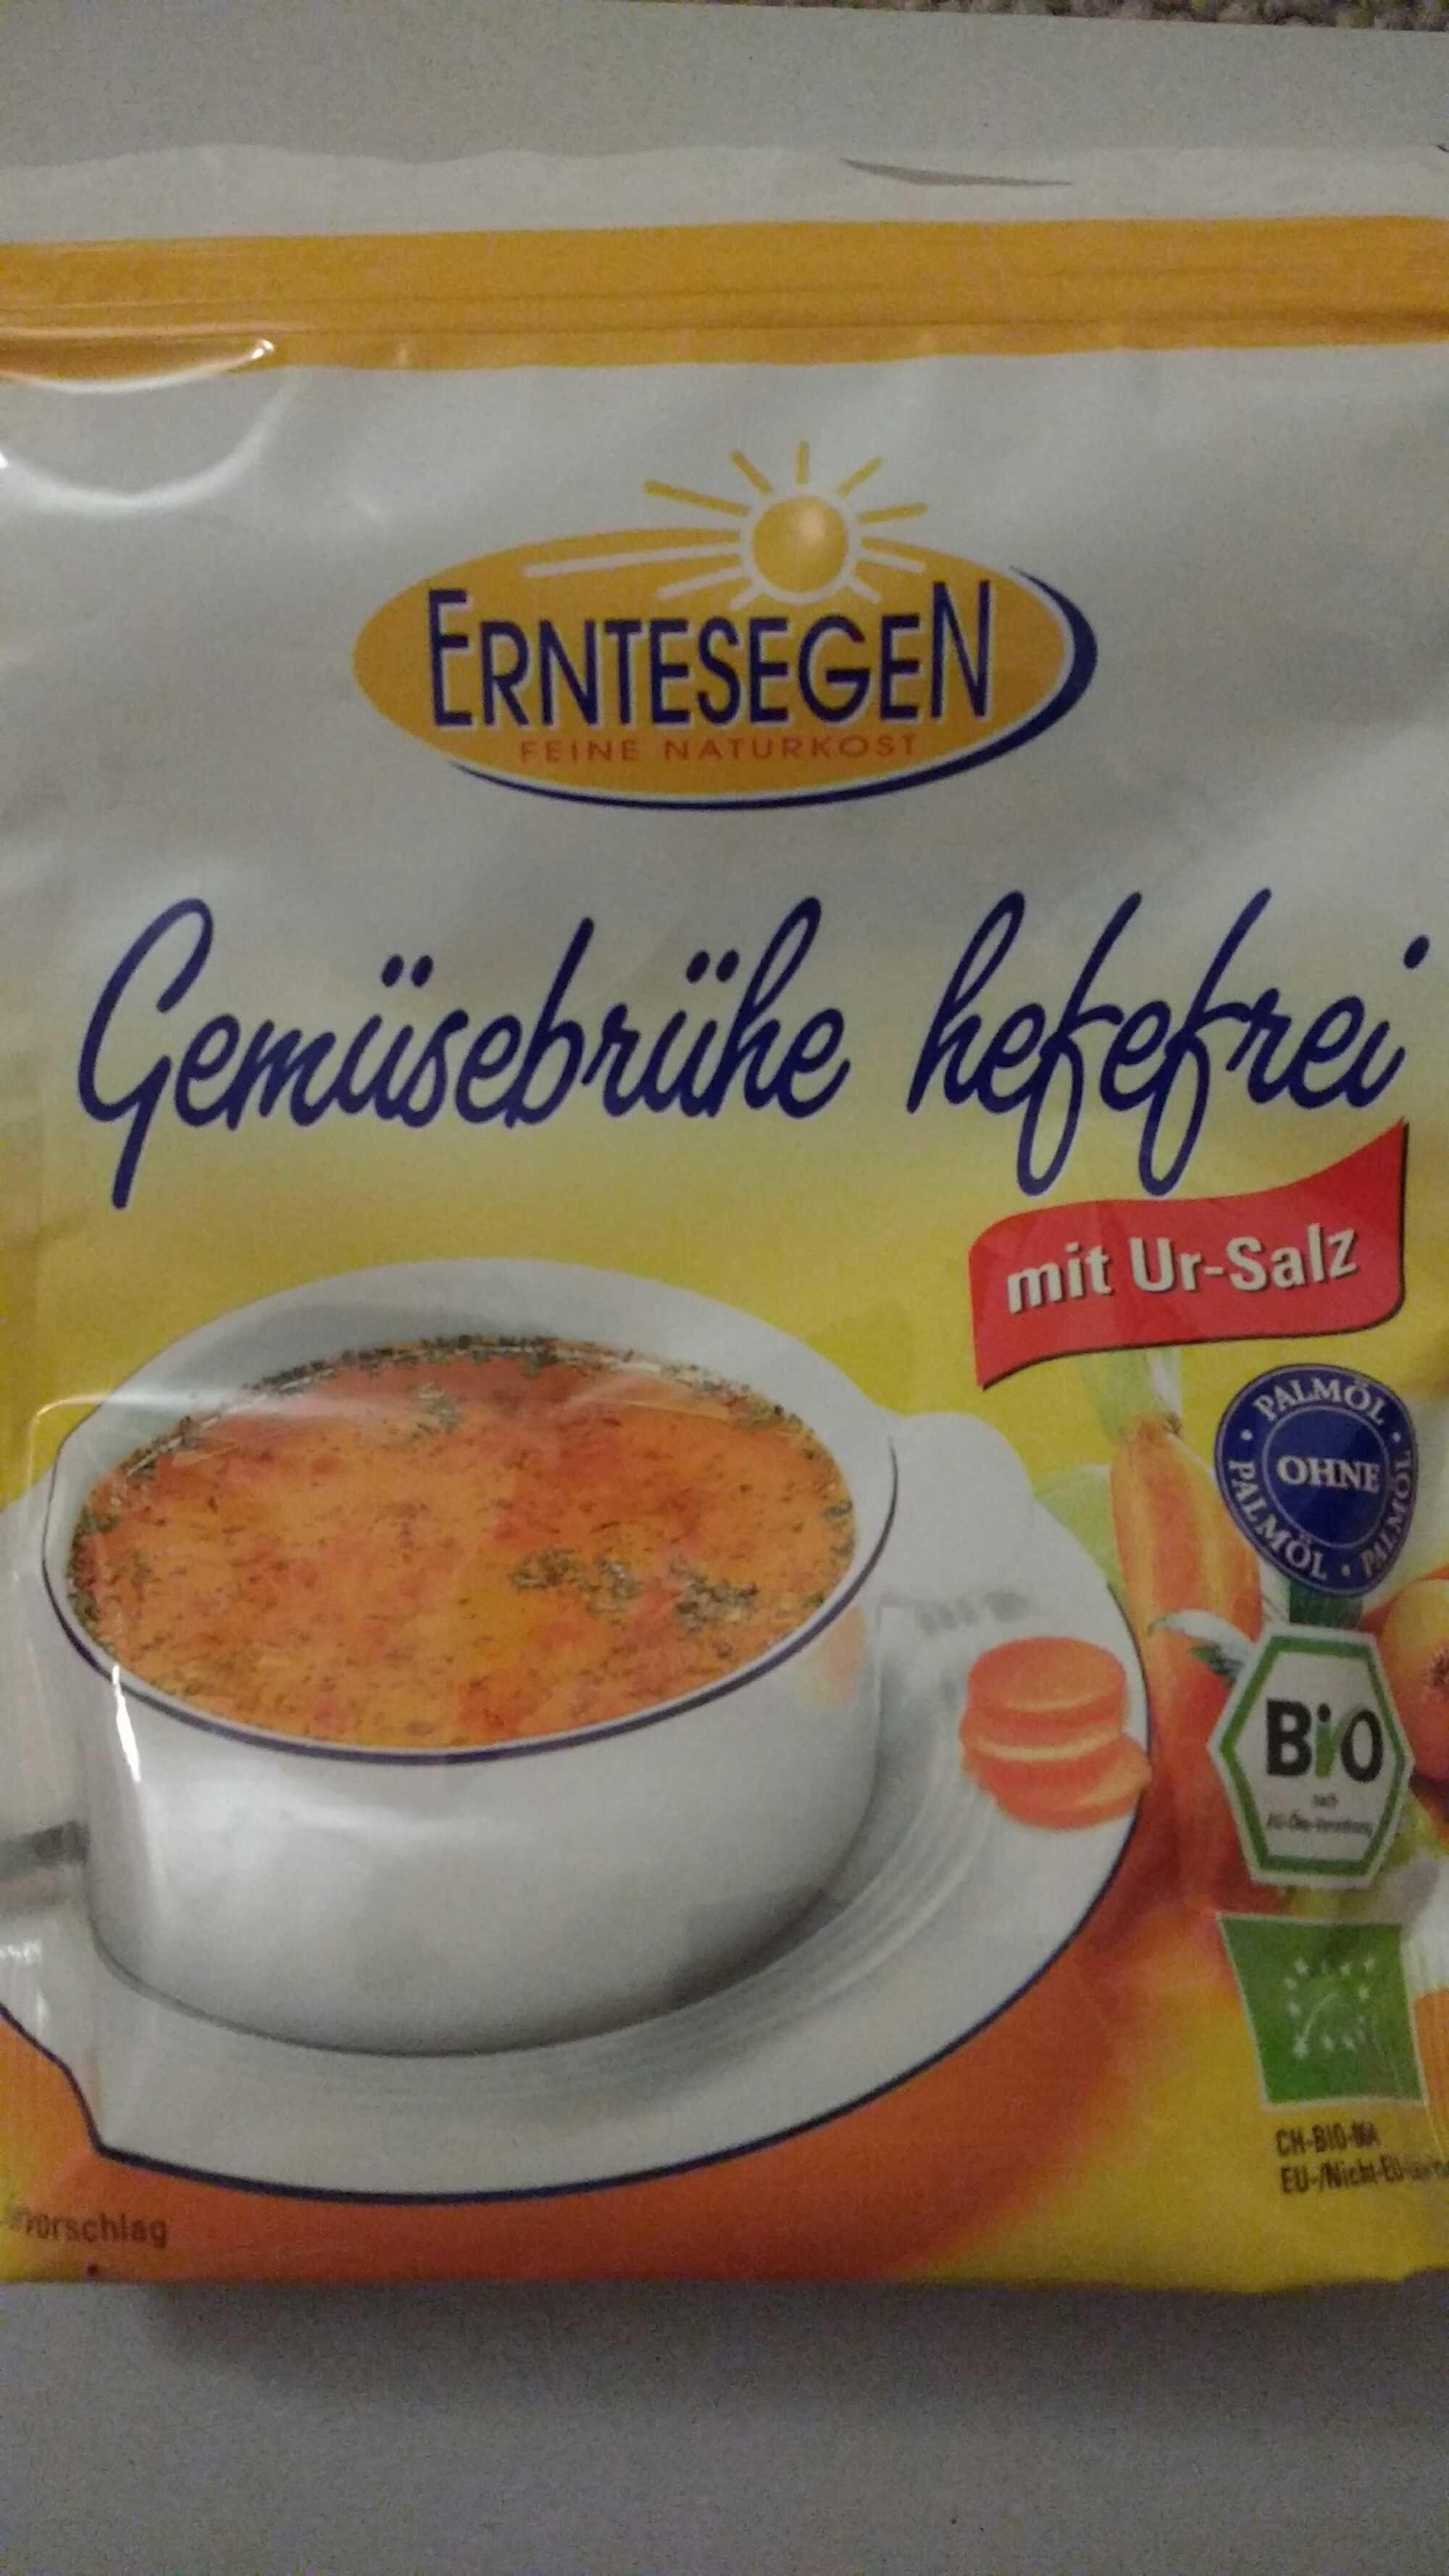 Gemüsebrühe hefefrei - Product - de